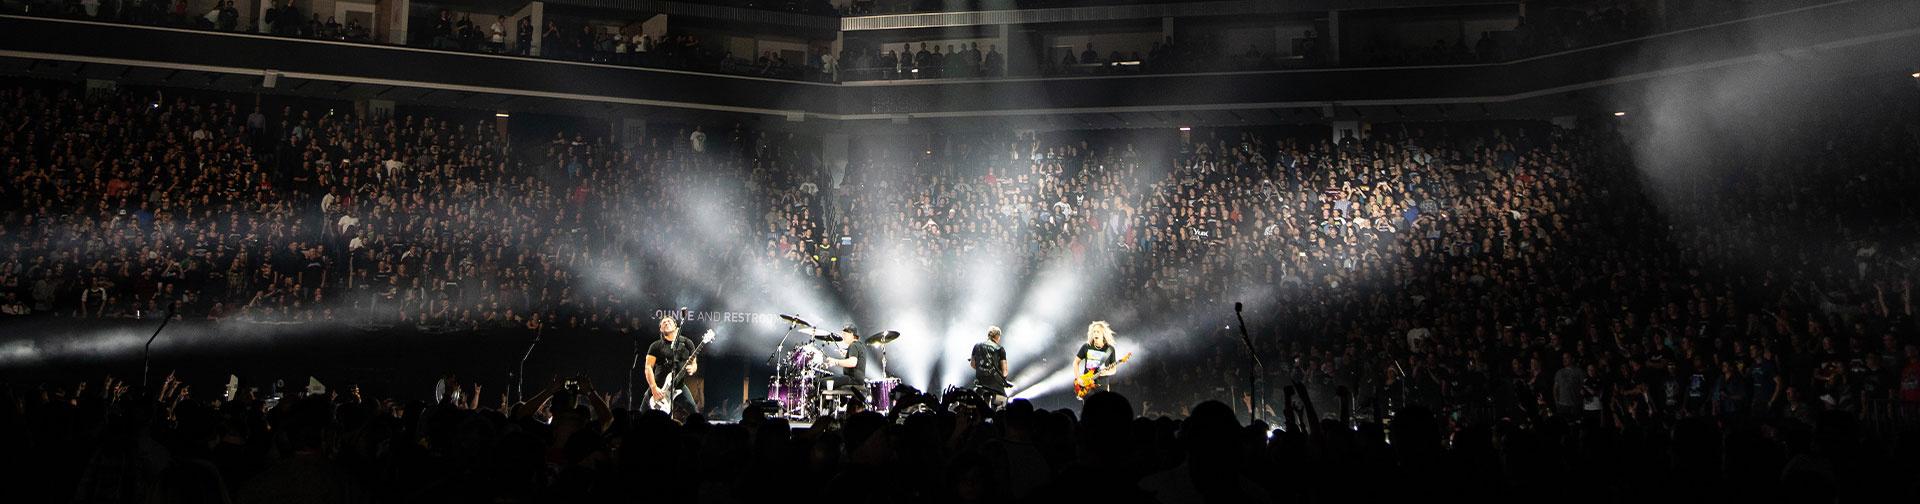 Metallica at Golden 1 Center in Sacramento, California